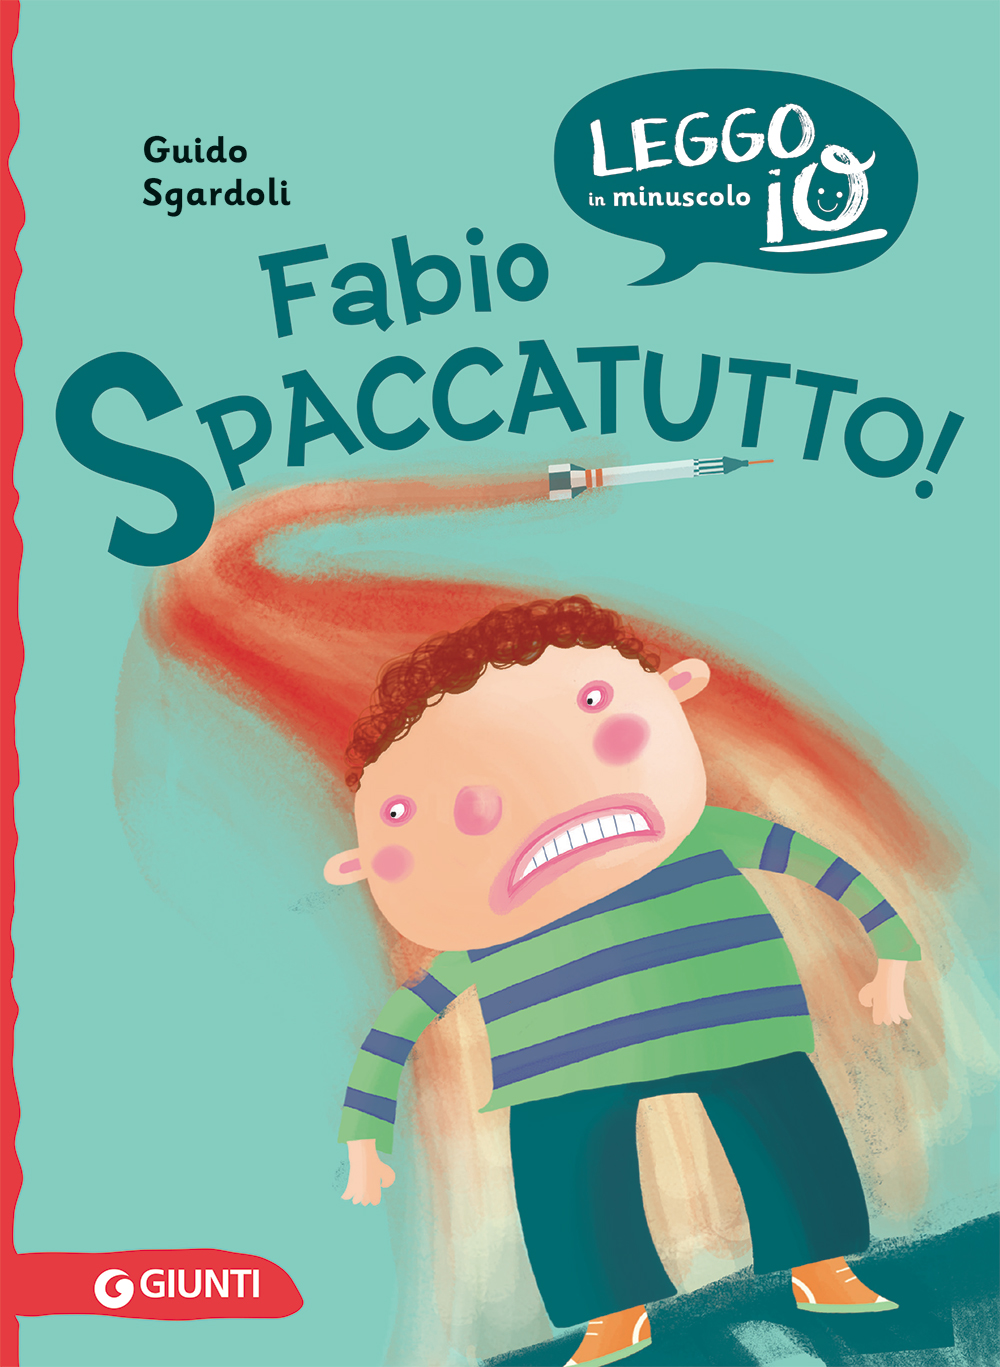 Fabio Spaccatutto!